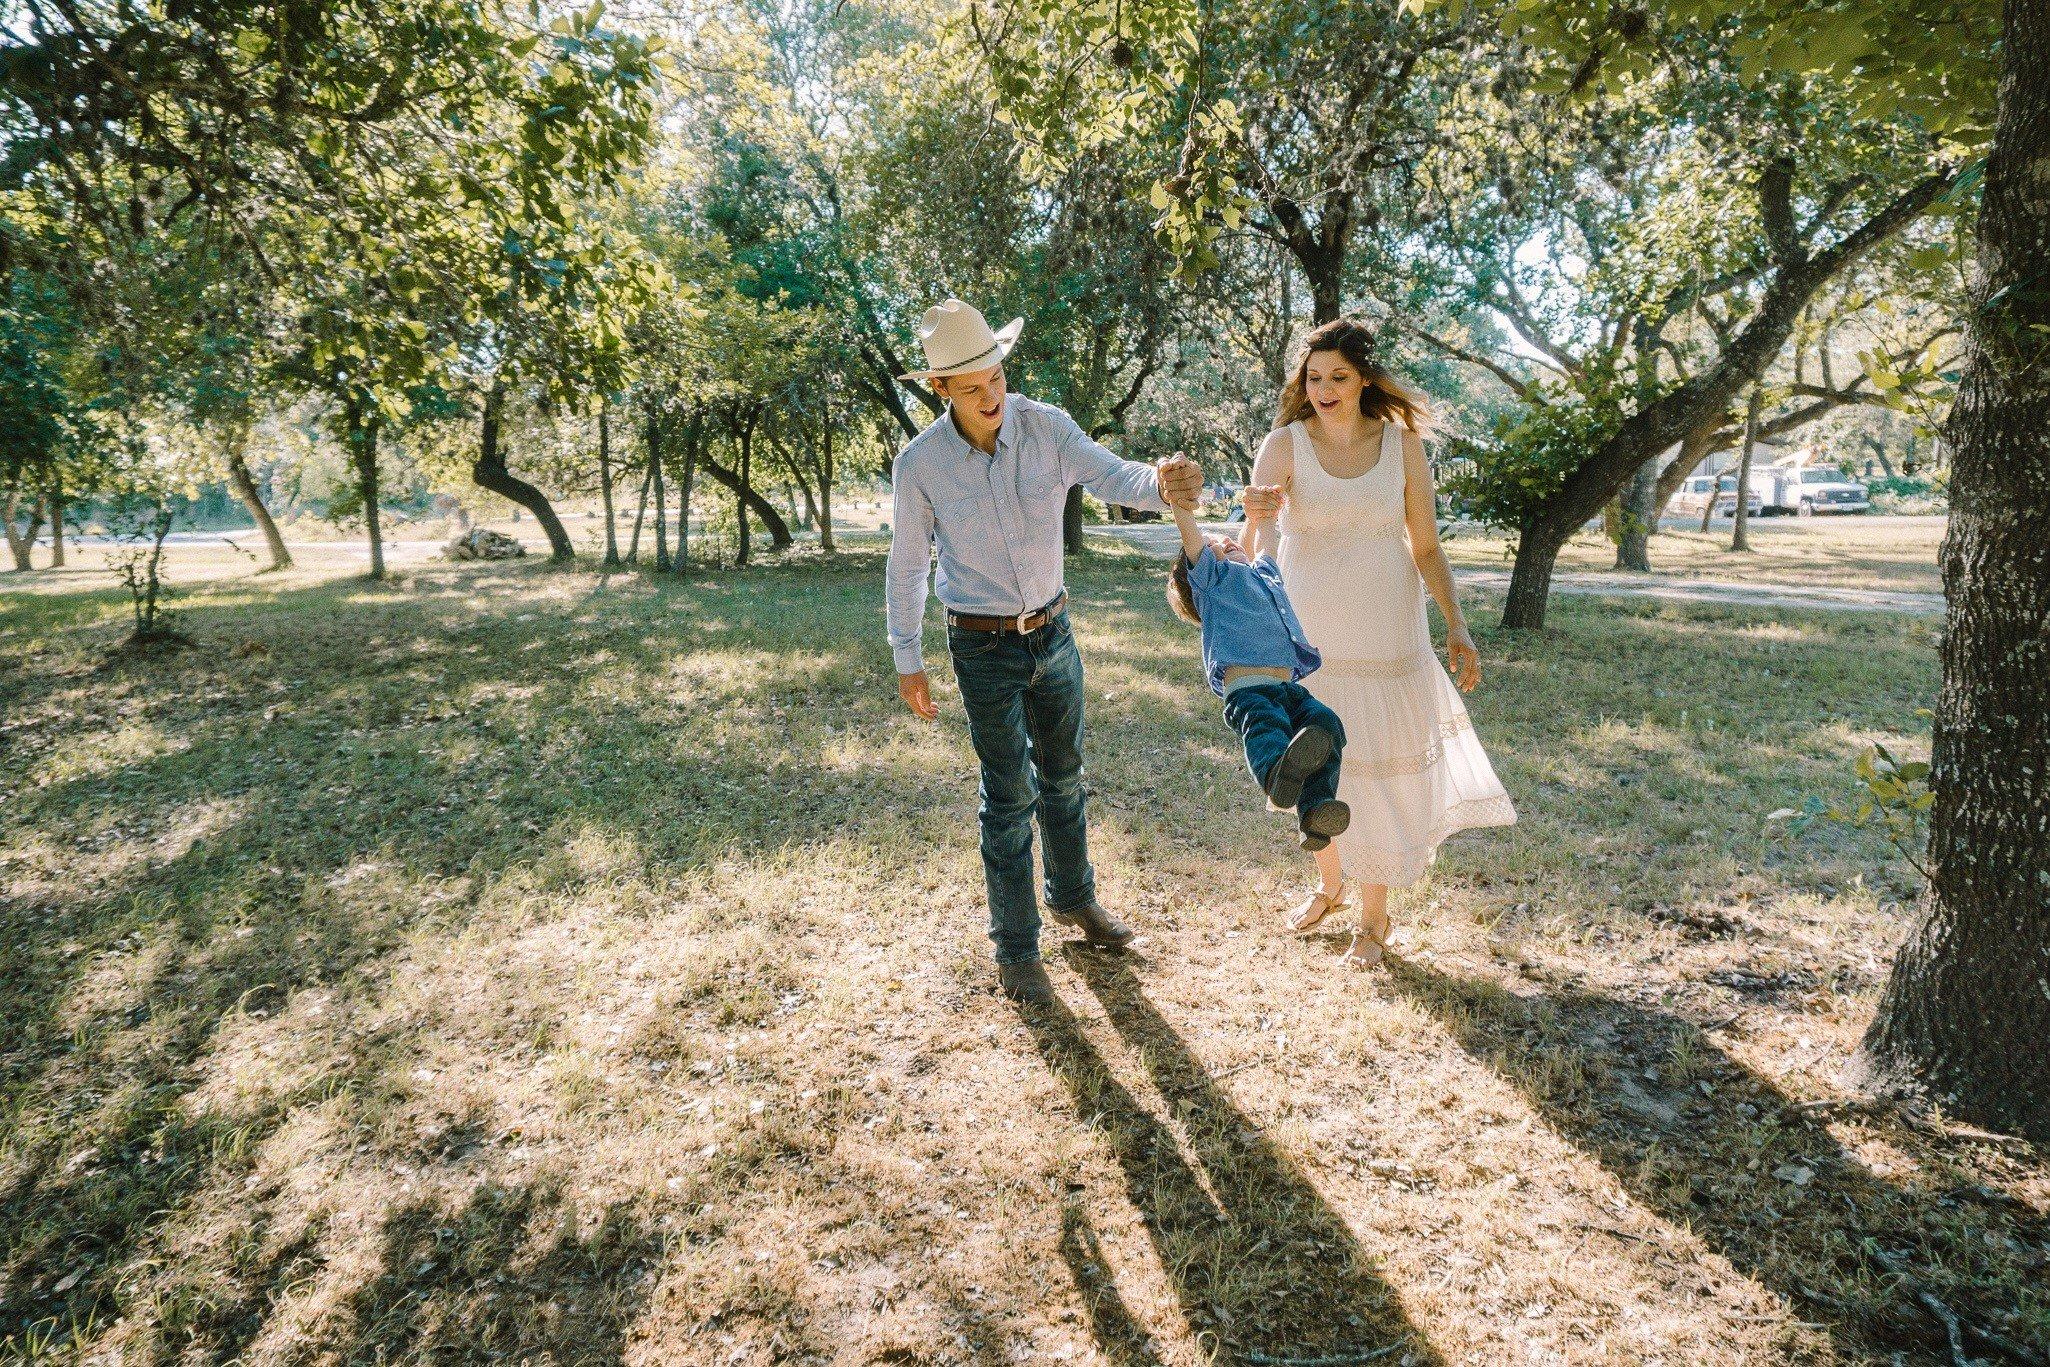 A San Antonio family enjoys their new mobile home on land.